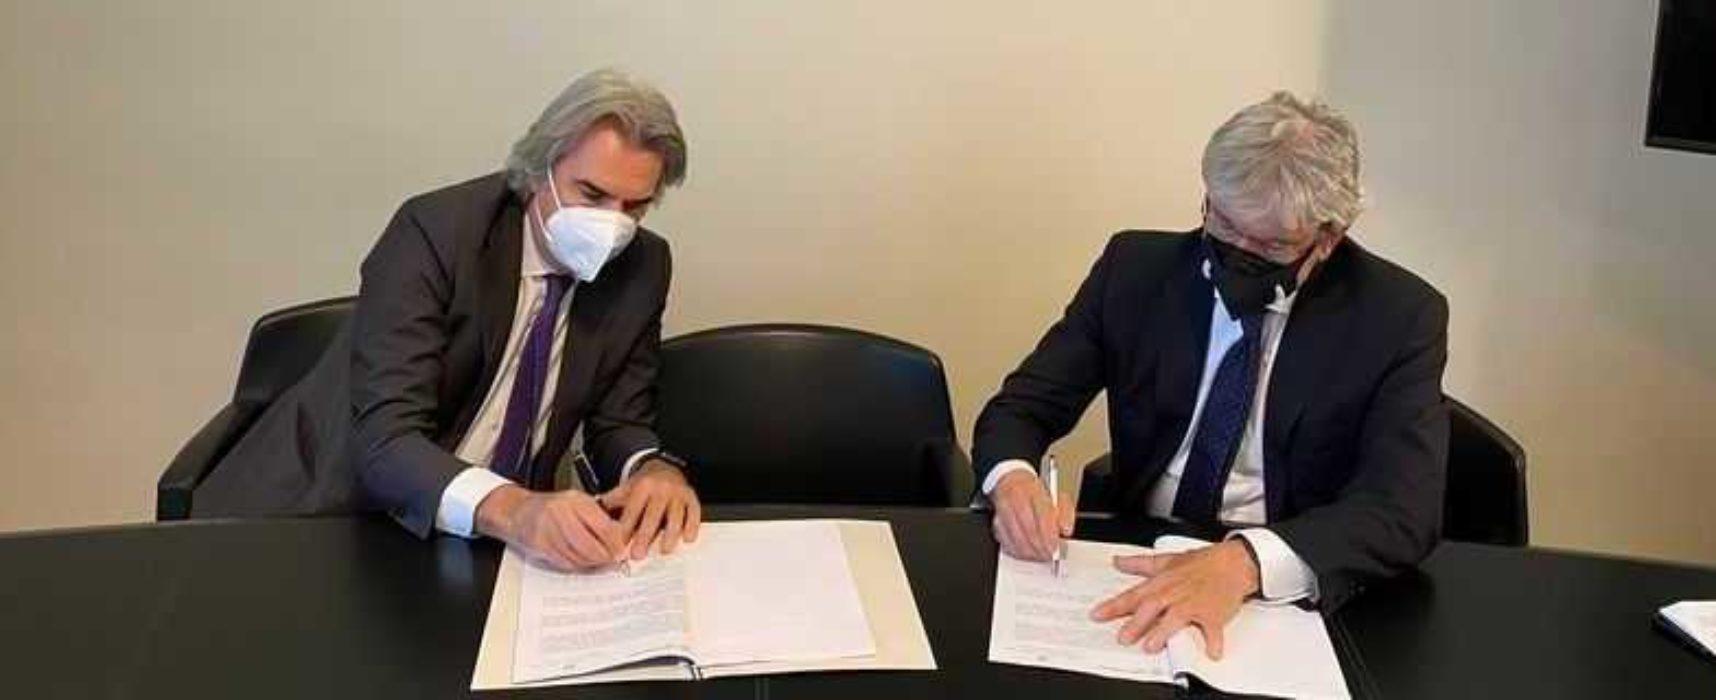 Prefettura Bat, firmato protocollo d'intesa per legalità e trasparenza attività d'impresa